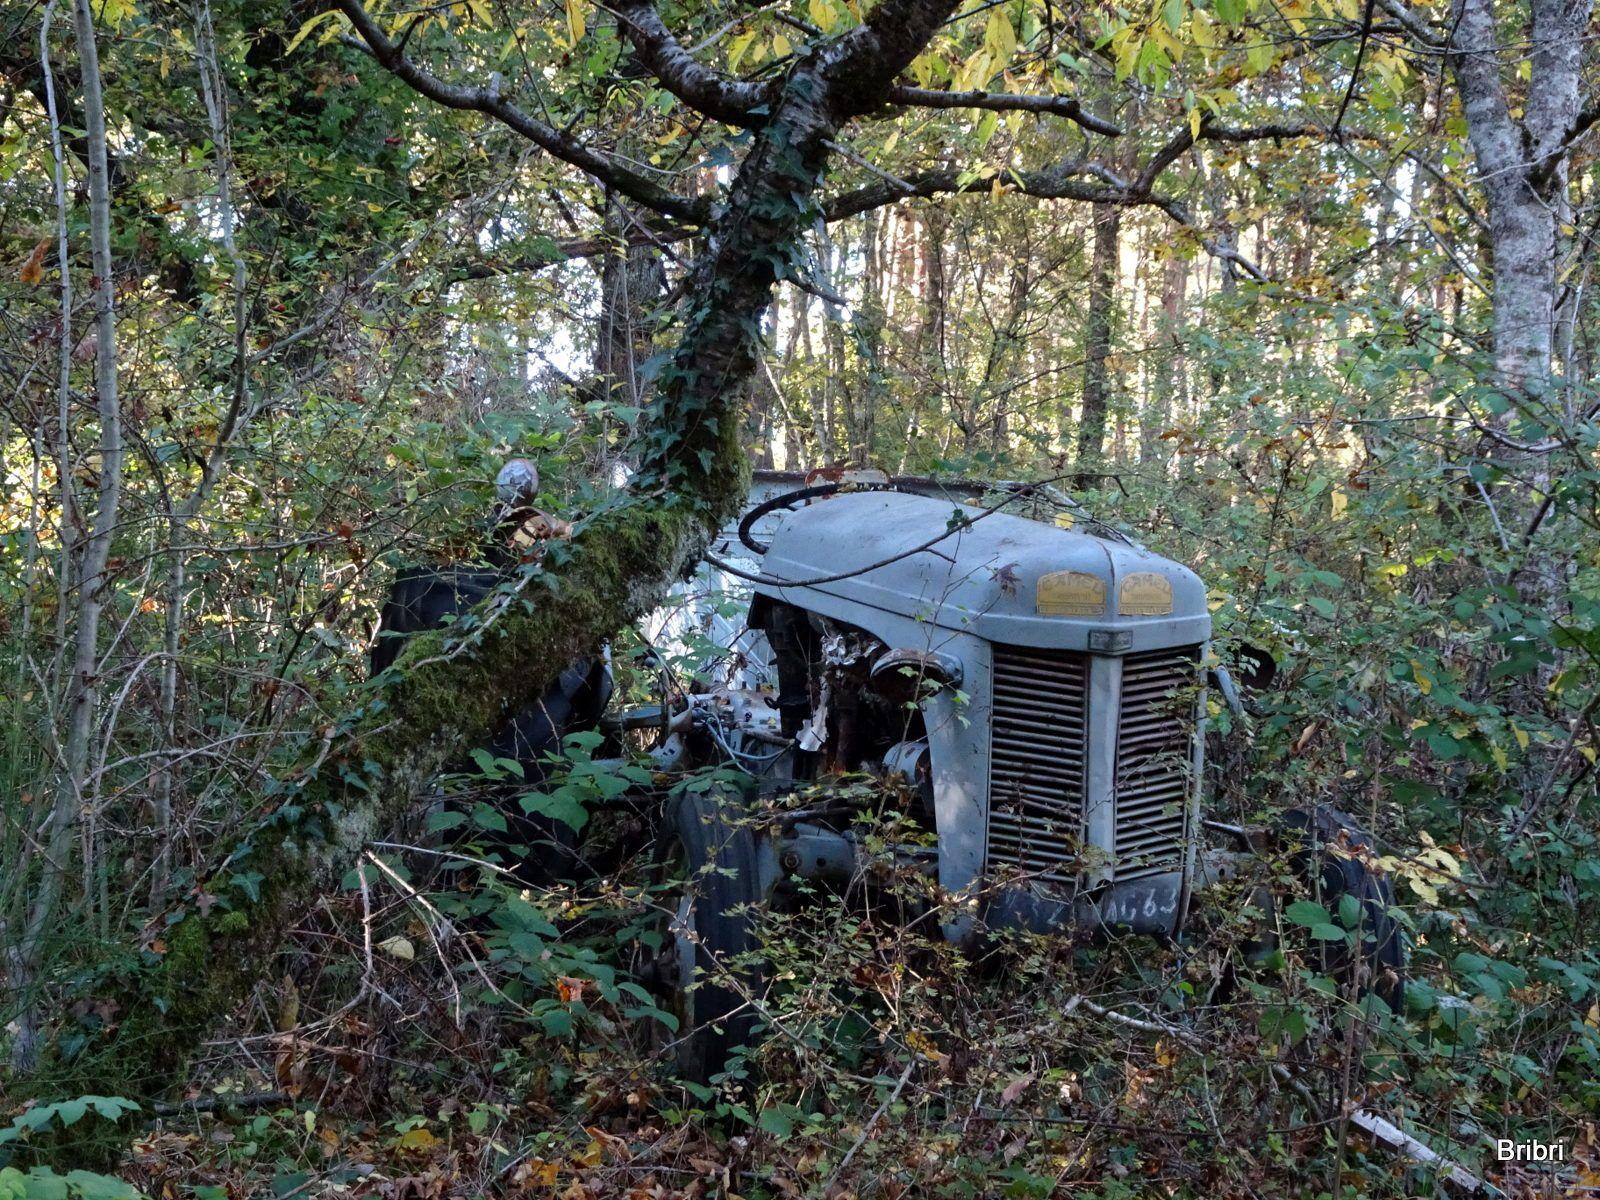 Voici ce que nous découvrons au milieu des bois, aux abords du chemin, quel dommage tous ces détritus.